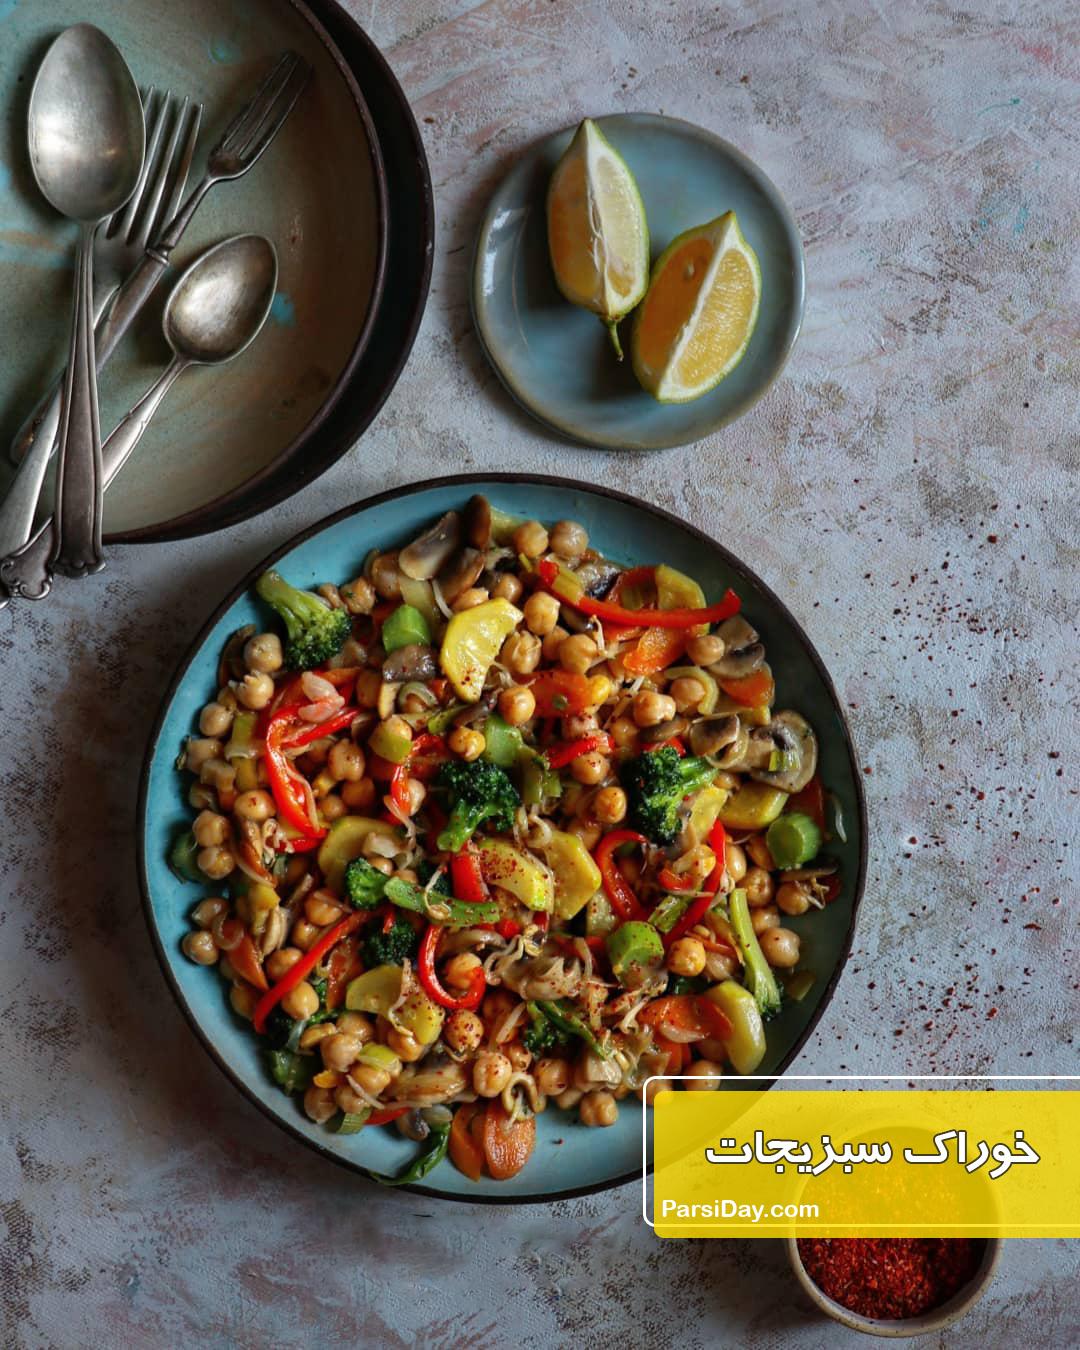 طرز تهیه خوراک سبزیجات خوشمزه و رژیمی با قارچ و کلم بروکلی